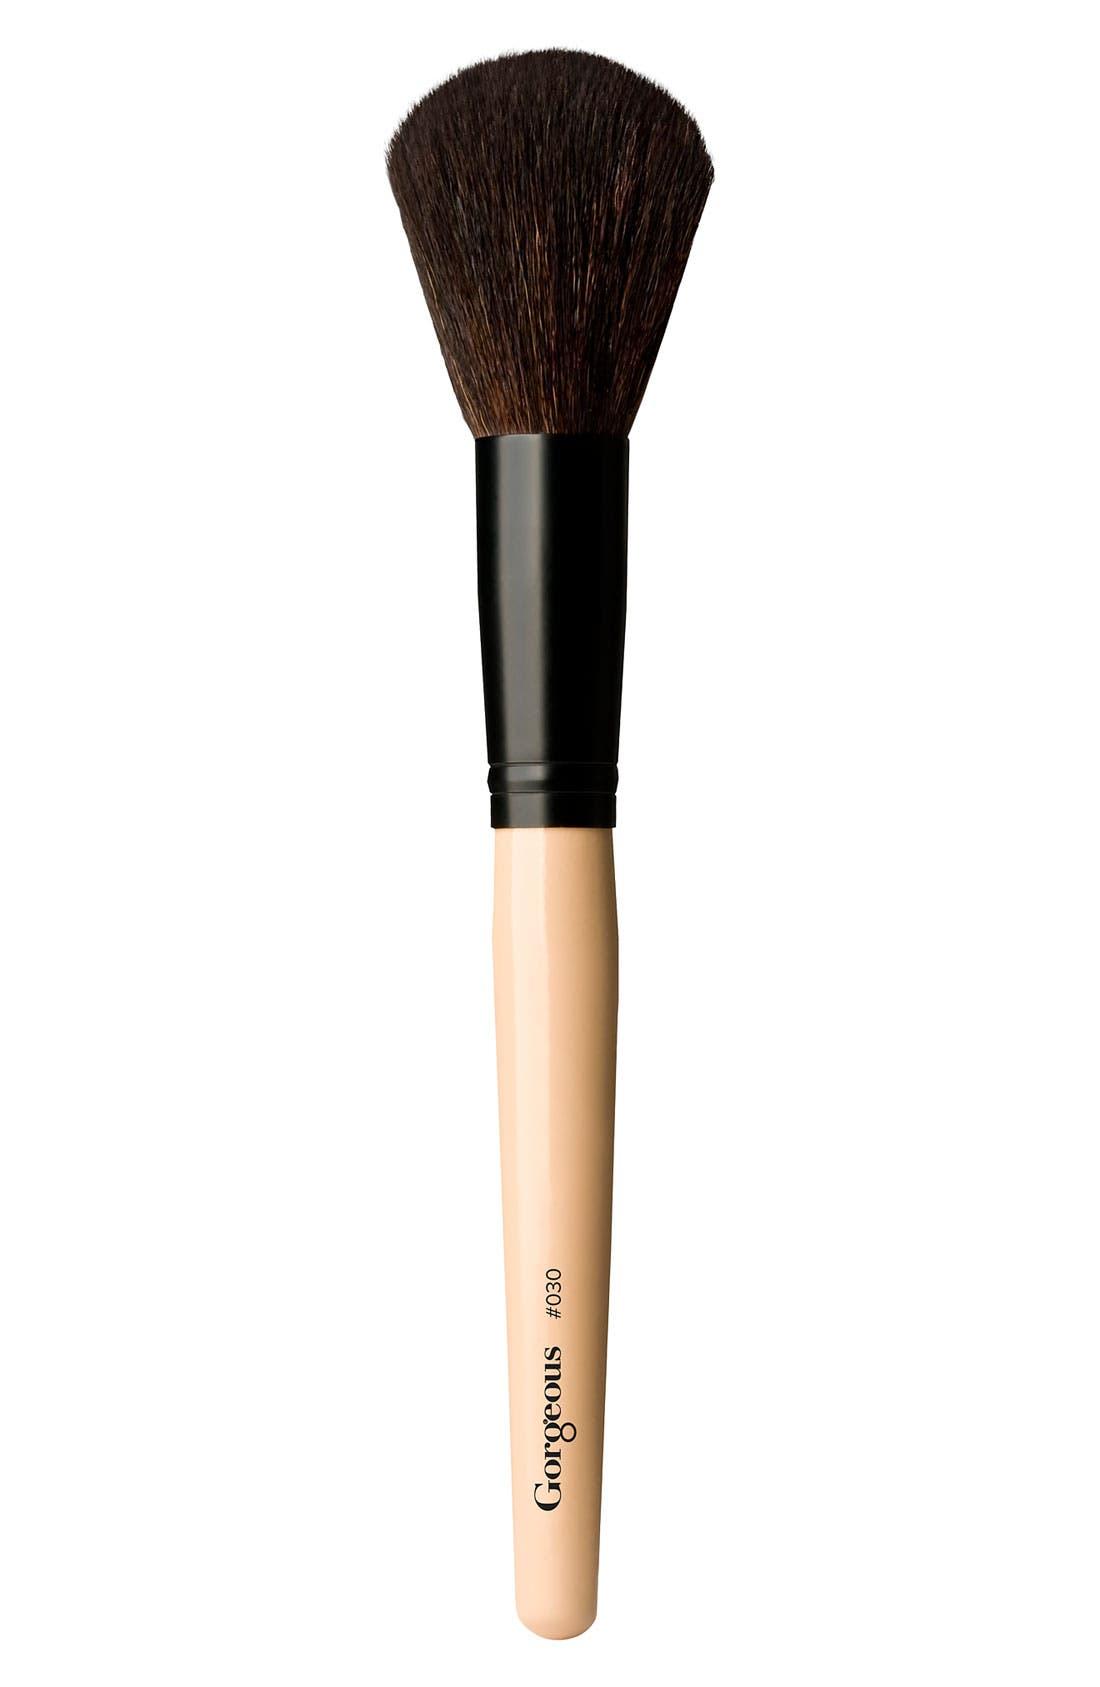 '030' Large Powder Brush,                             Main thumbnail 1, color,                             NO COLOR